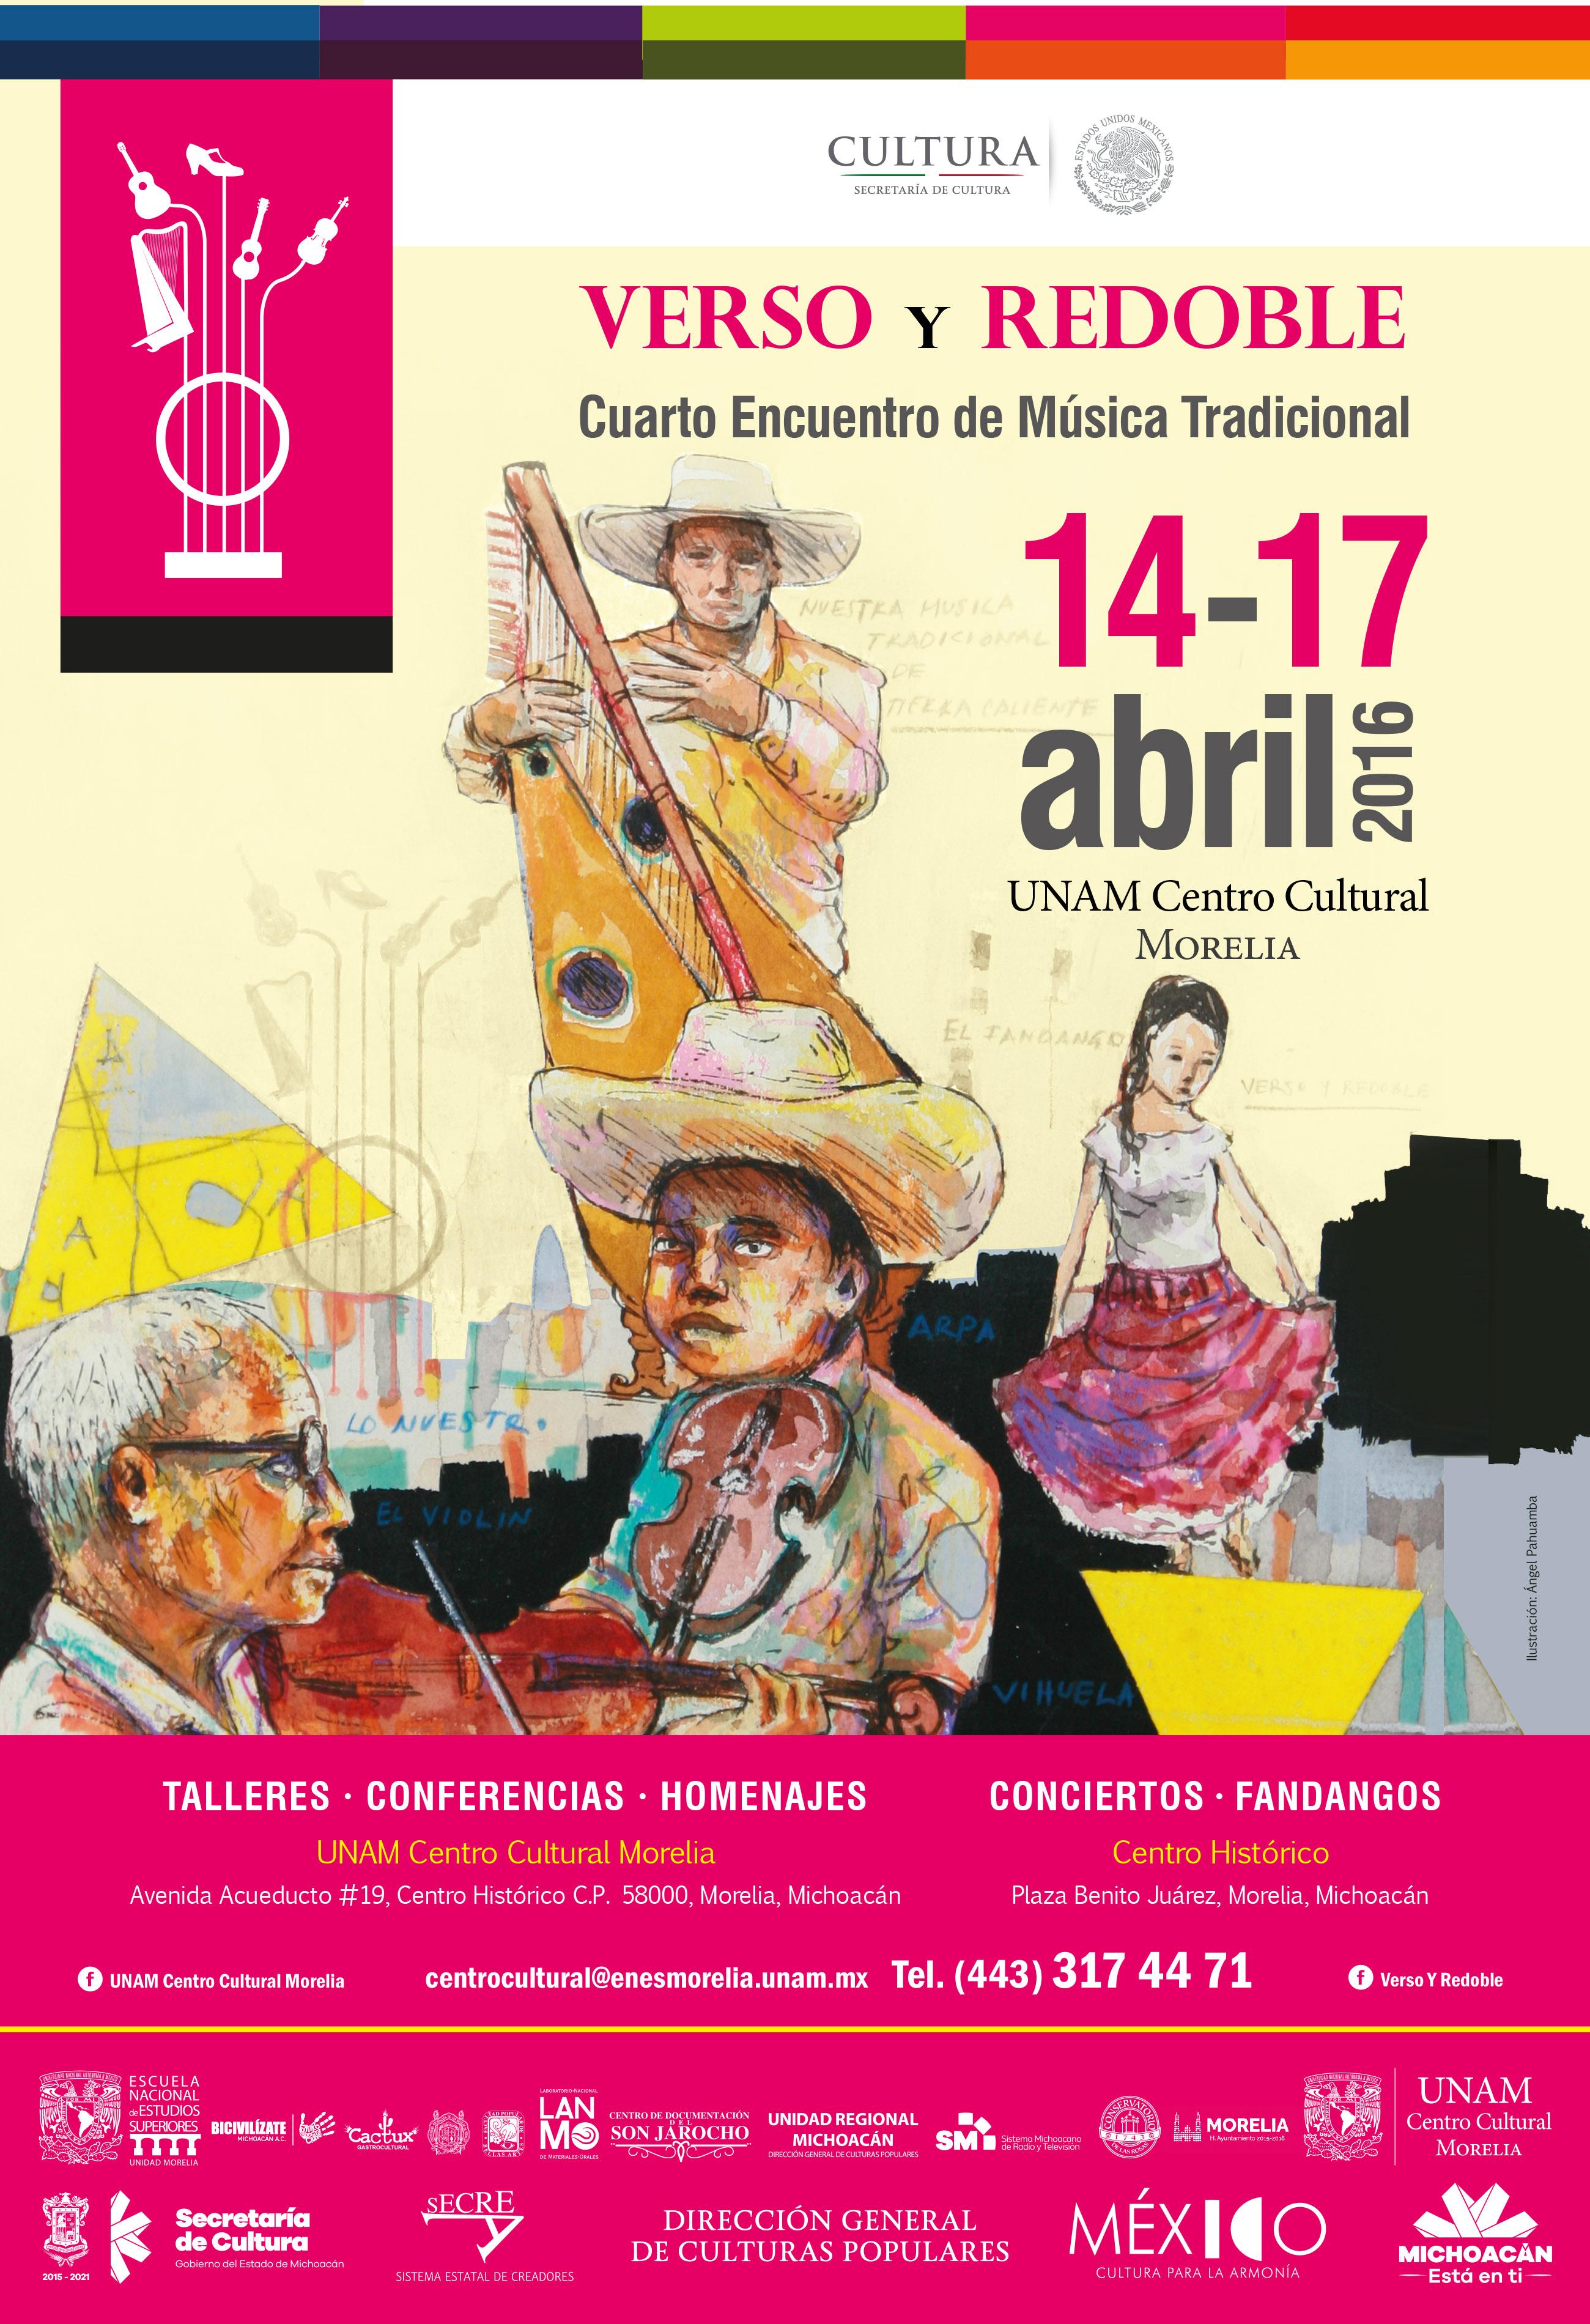 Cultura   Programación del Cuarto Encuentro de Música Tradicional ...